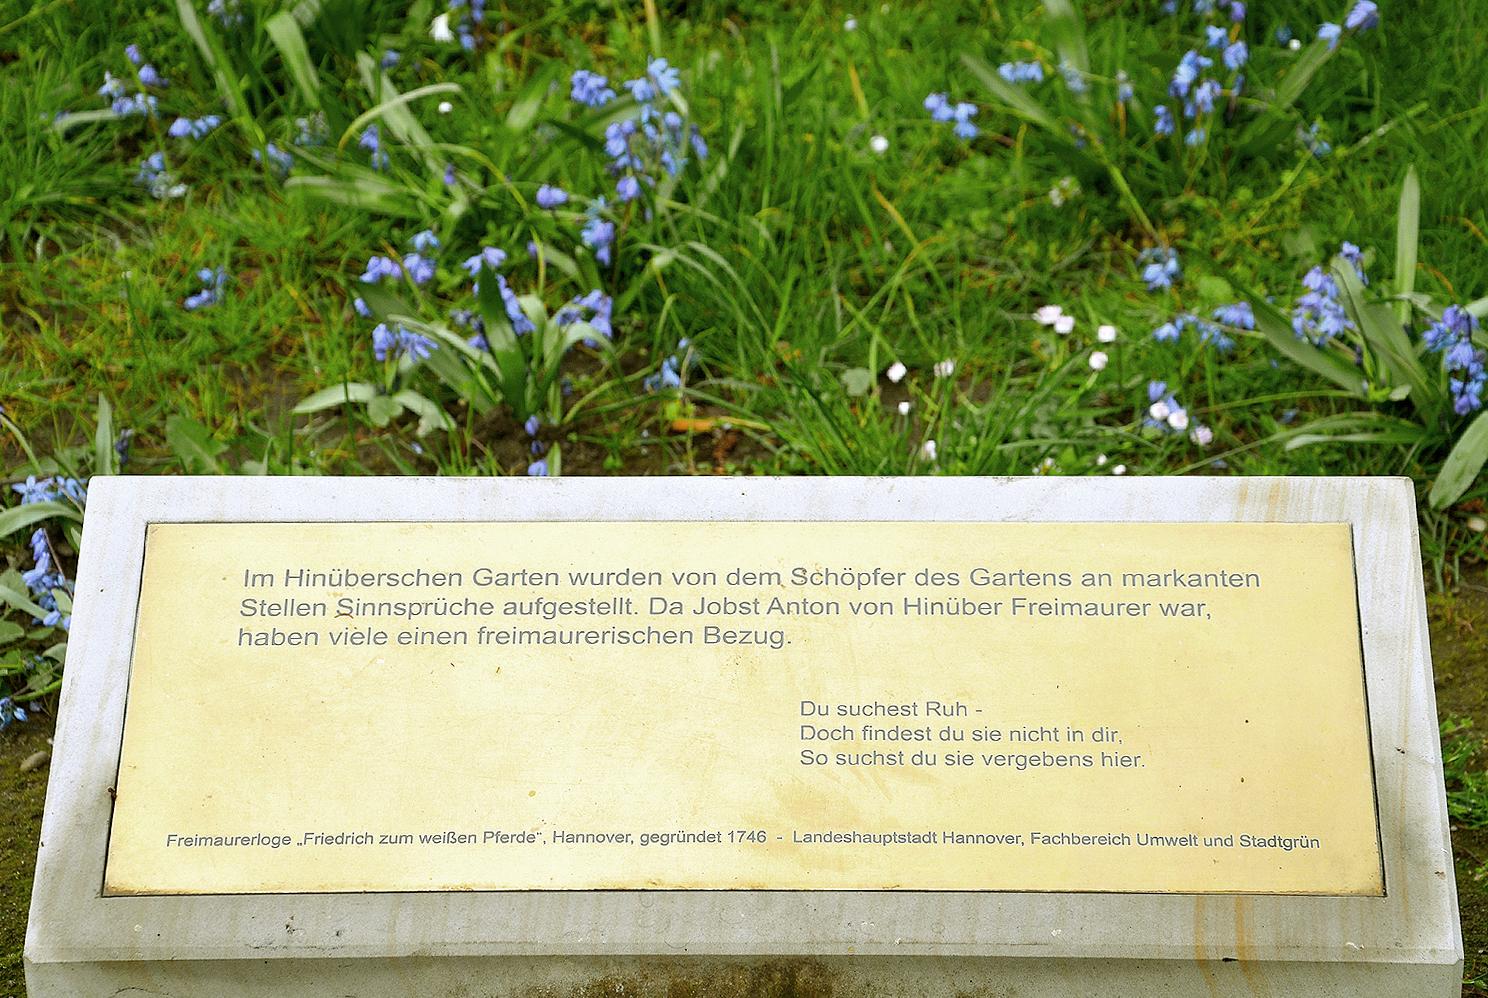 File:2011 Wiederaufstellung Sinnsprüche Hinüberscher Garten, Freimaurerloge  U201eFriedrich Zum Weißen Pferdeu201c,